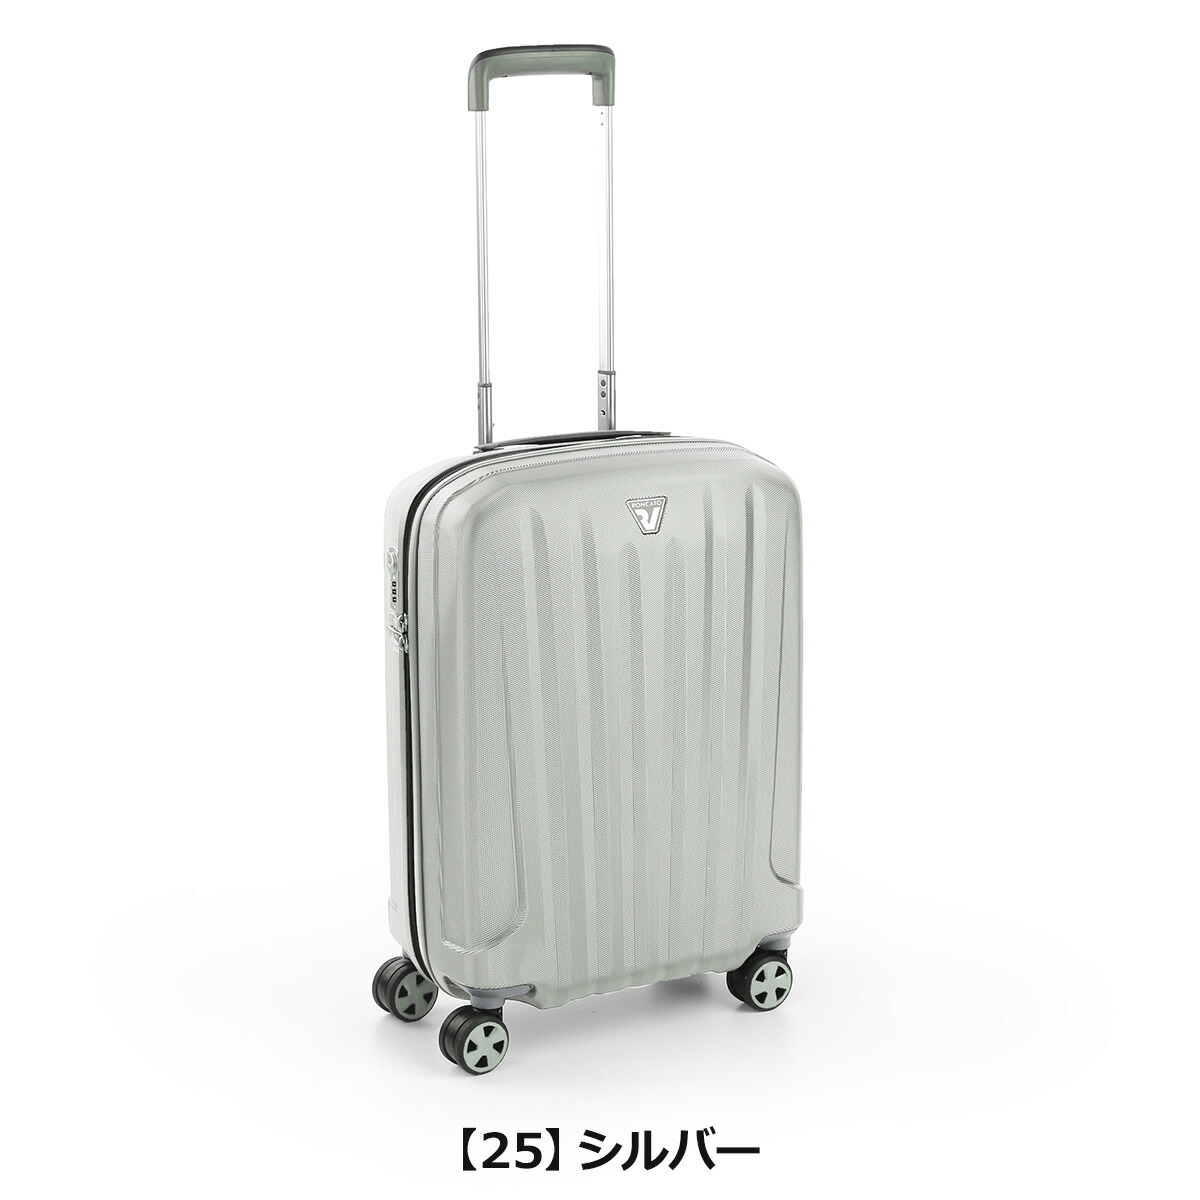 【25】シルバー